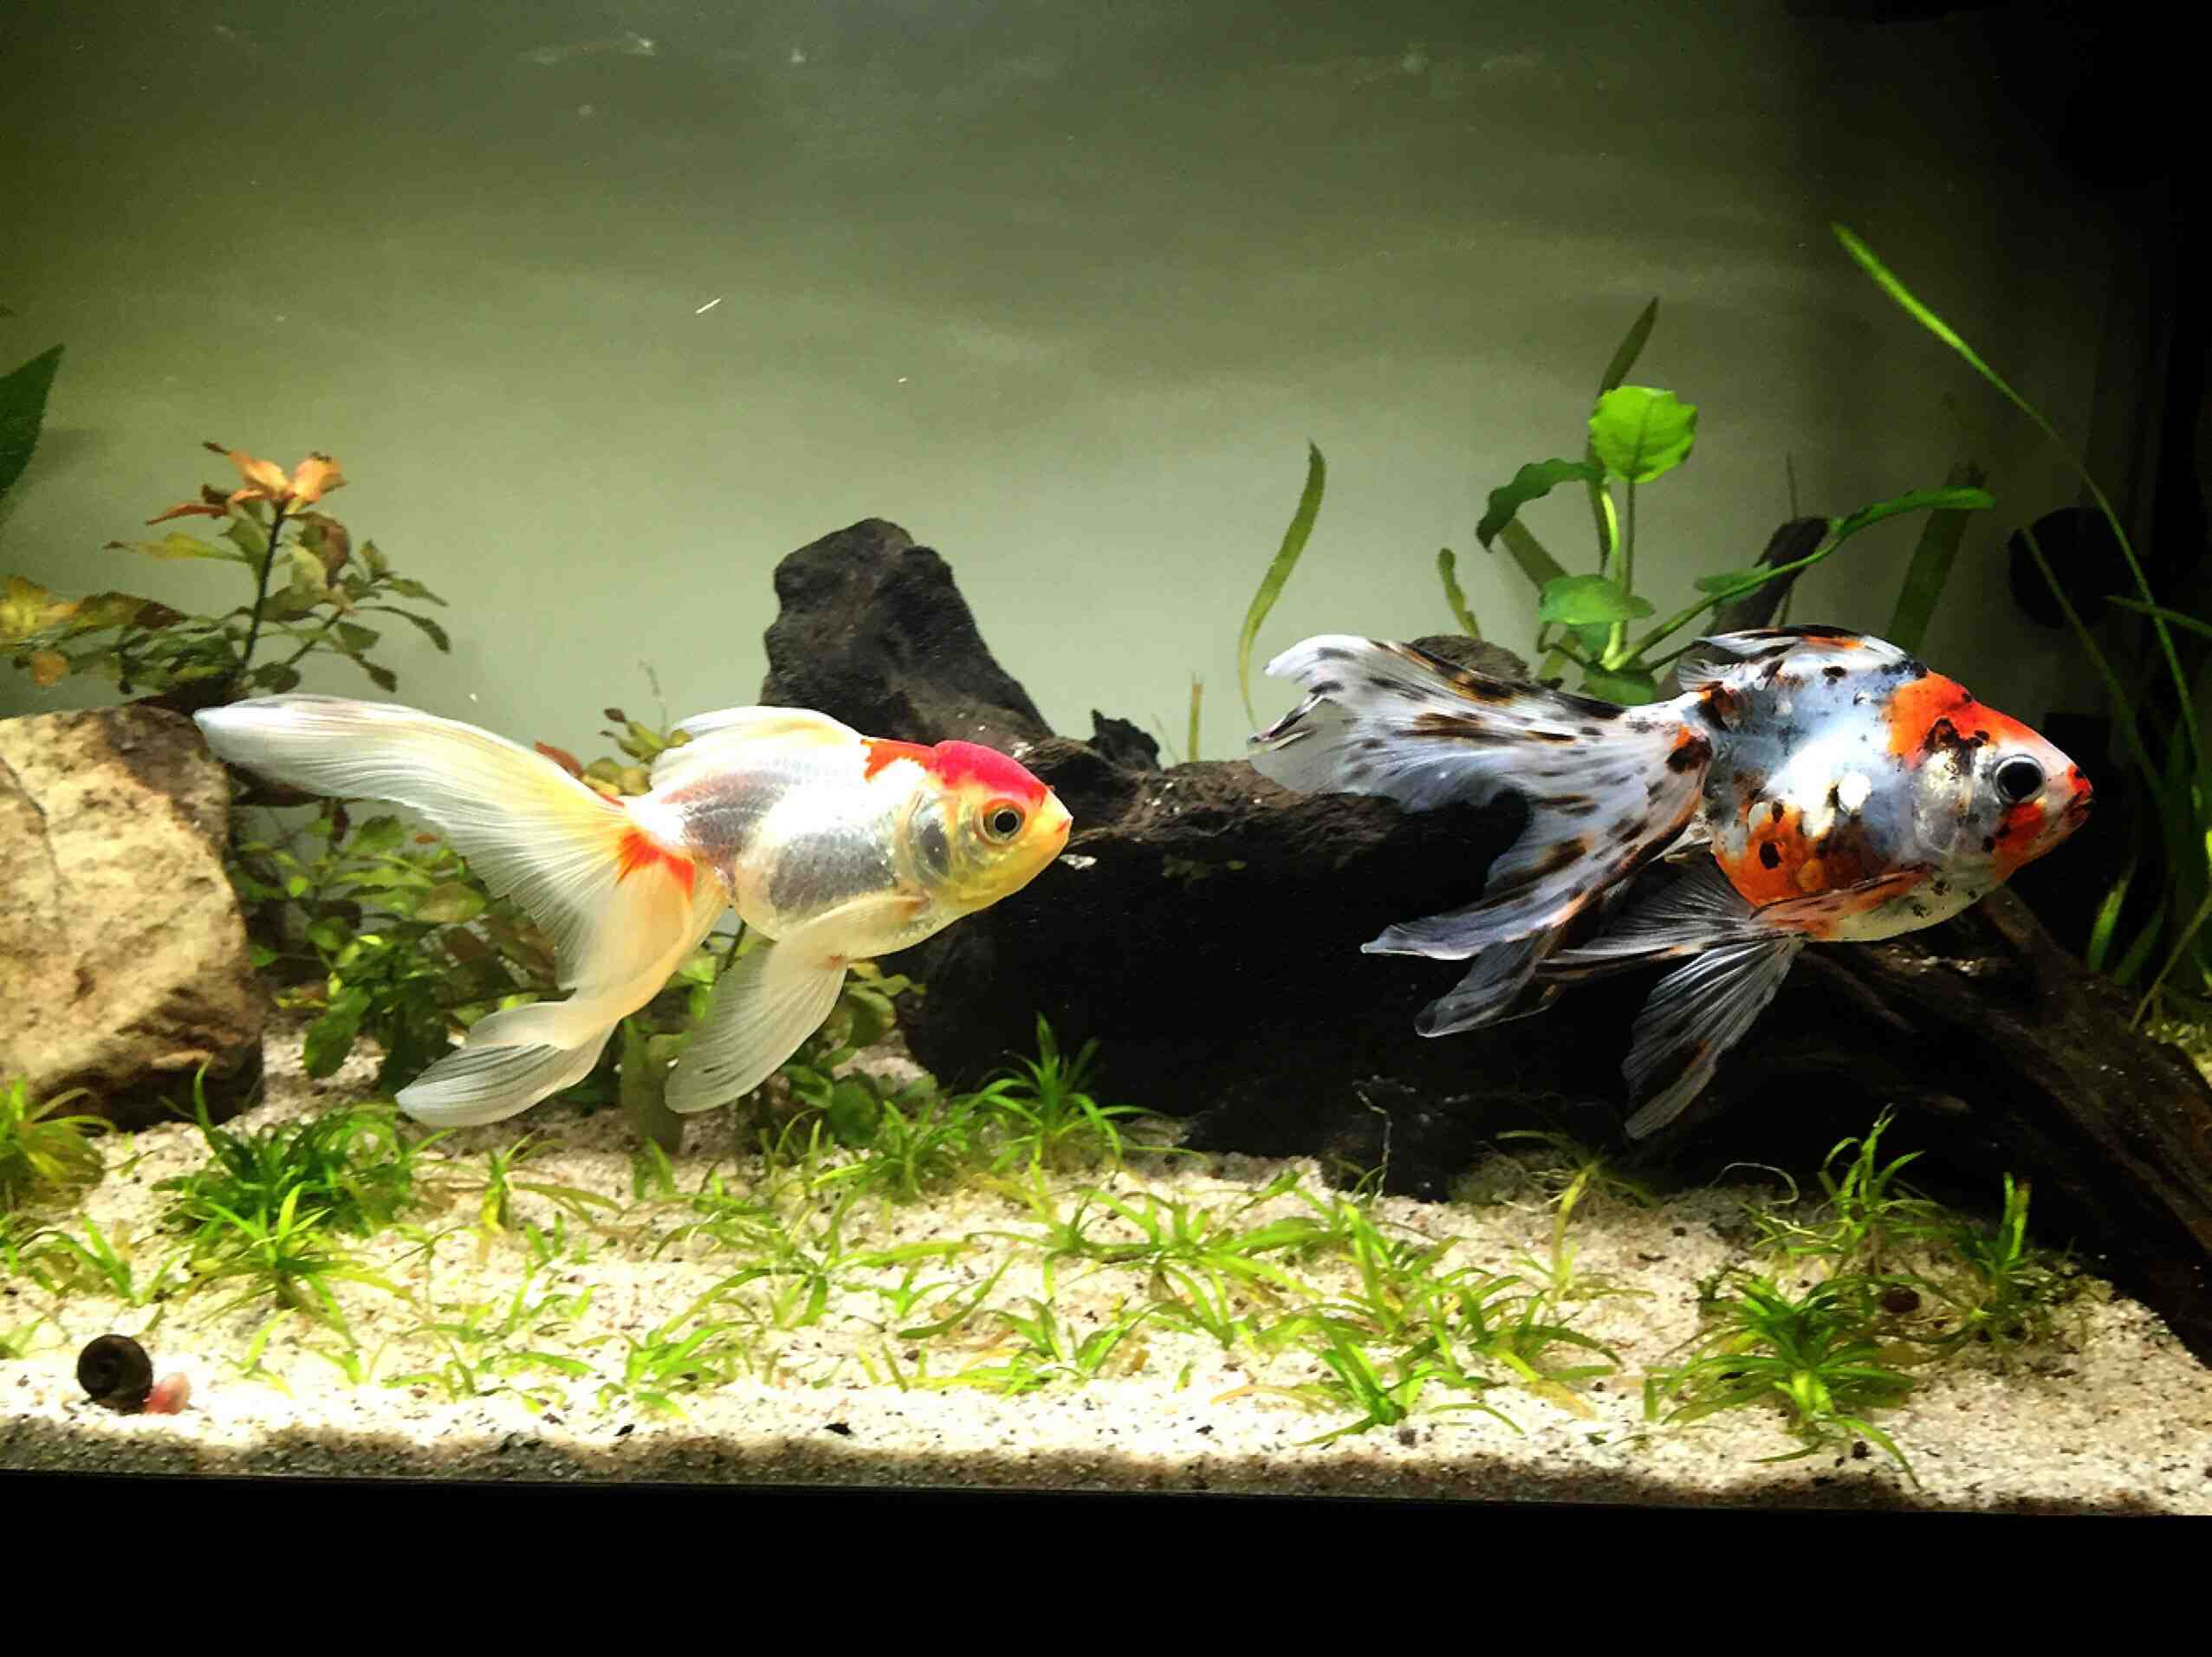 Pourquoi les poissons rouges meurent-ils rapidement?